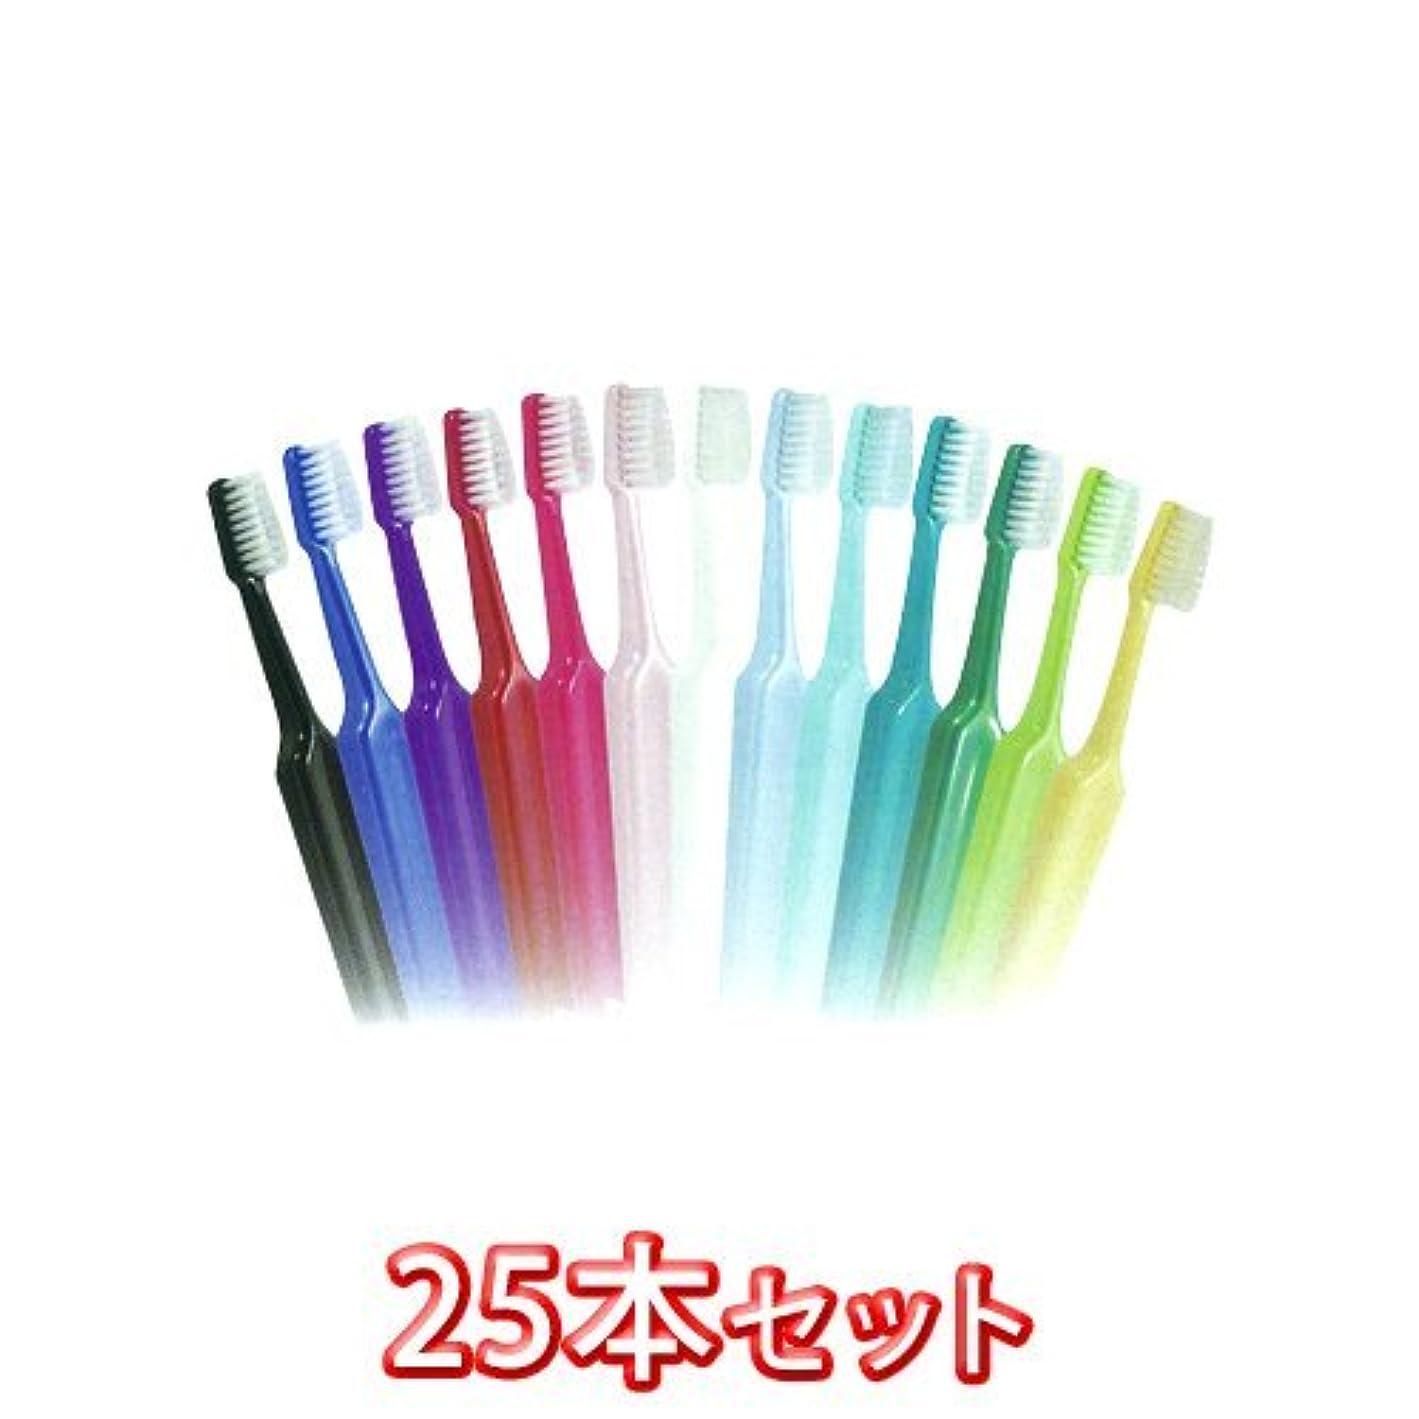 未亡人ペグエスカレーターTePe セレクトソフト 歯ブラシ 25本入